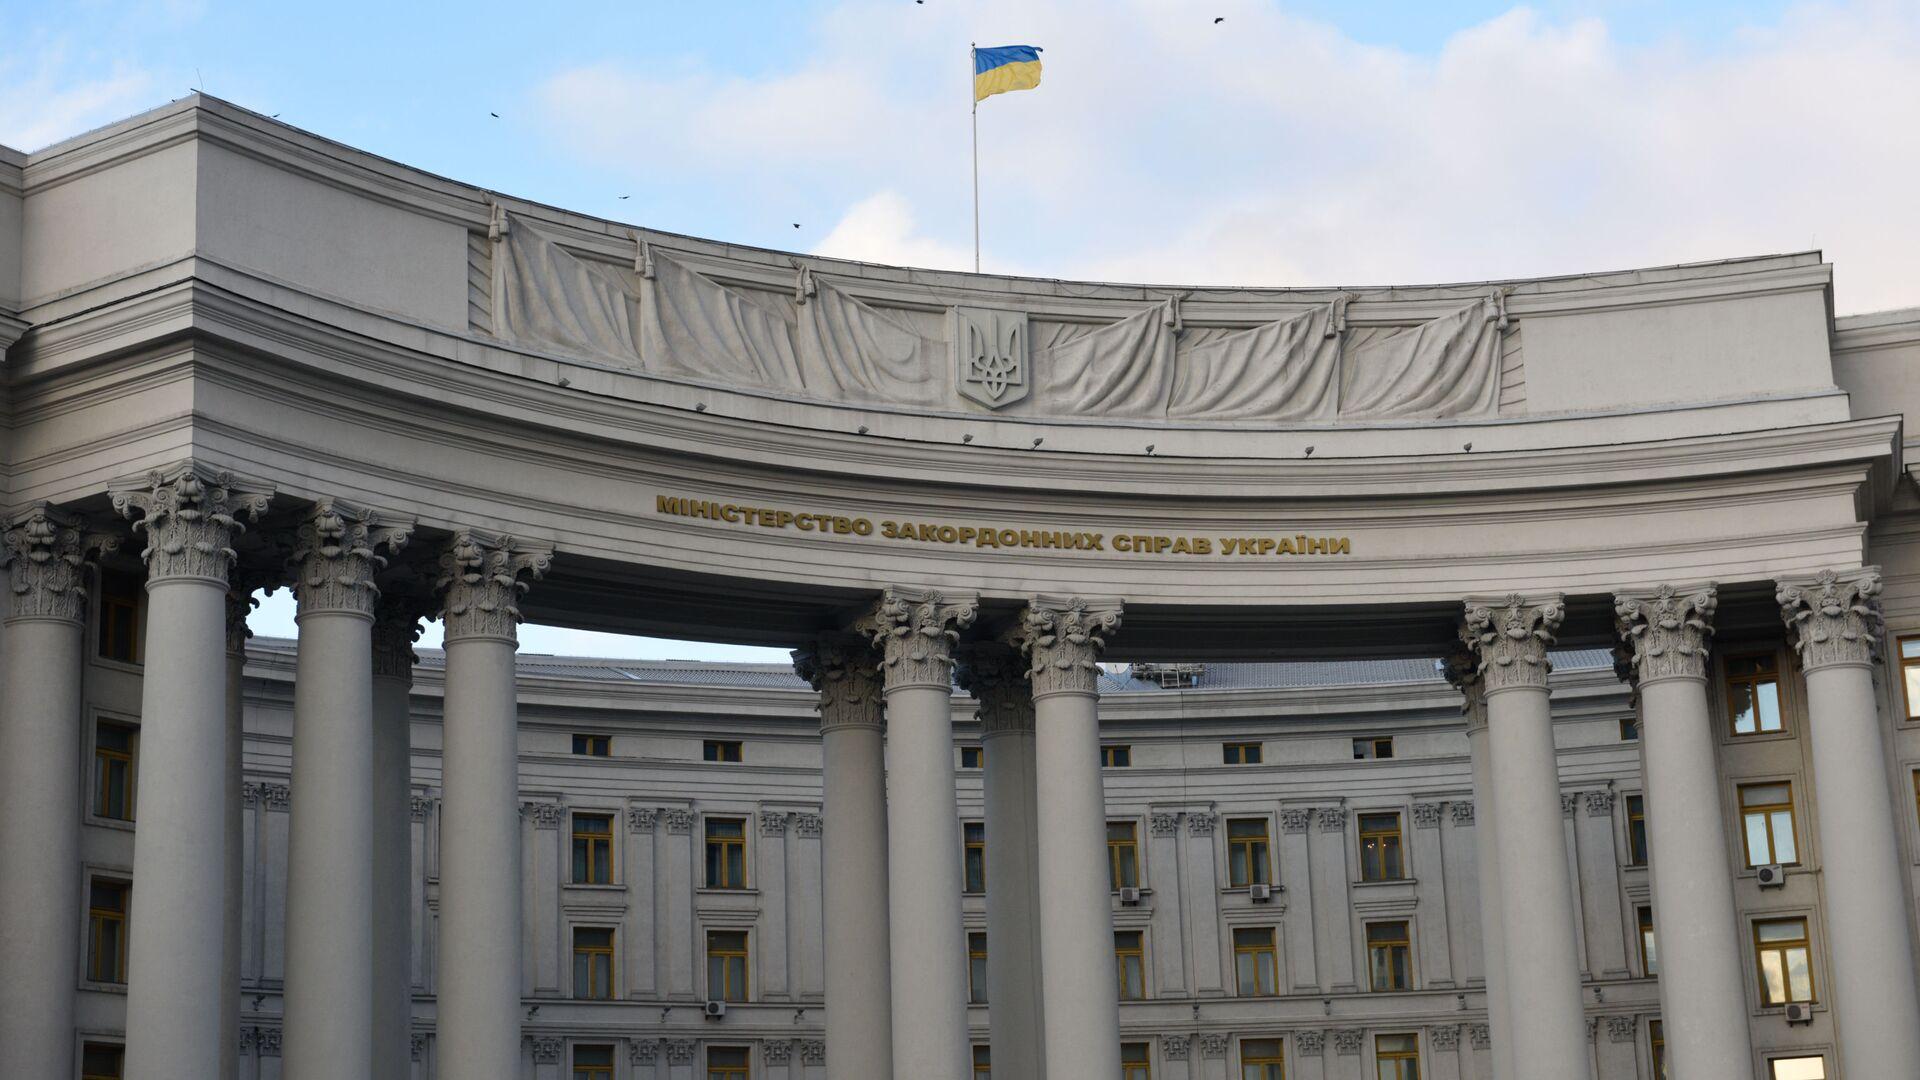 Budynek Ministerstwa Spraw Zagranicznych w Kijowie, Ukraina - Sputnik Polska, 1920, 06.07.2021